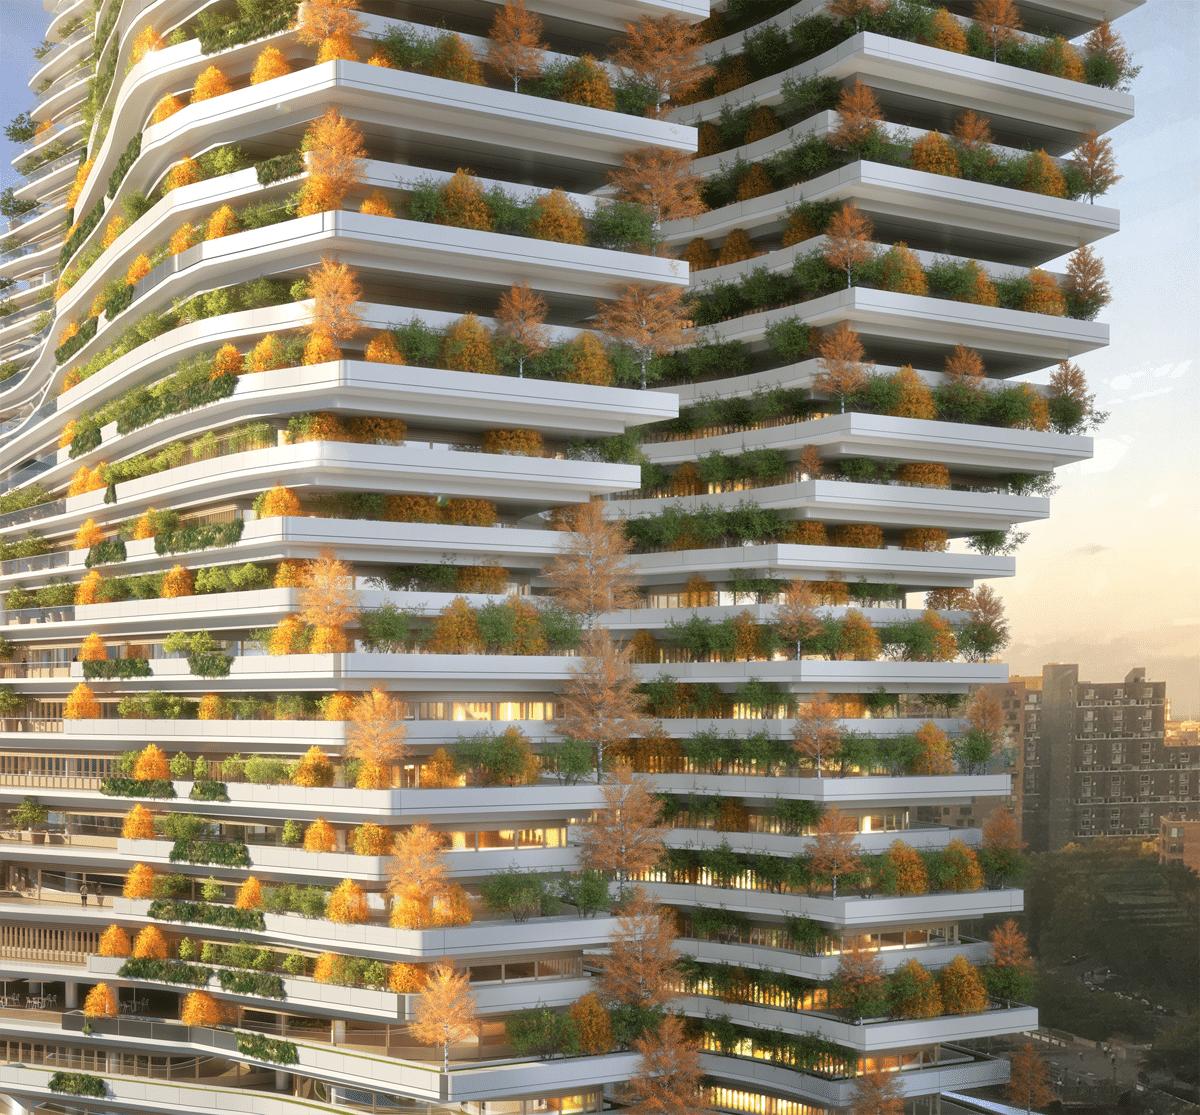 Arquitetos Propõem A Torre Mais Alta Do Mundo Que Reduzirá A Quantidade De Carbono No Ar